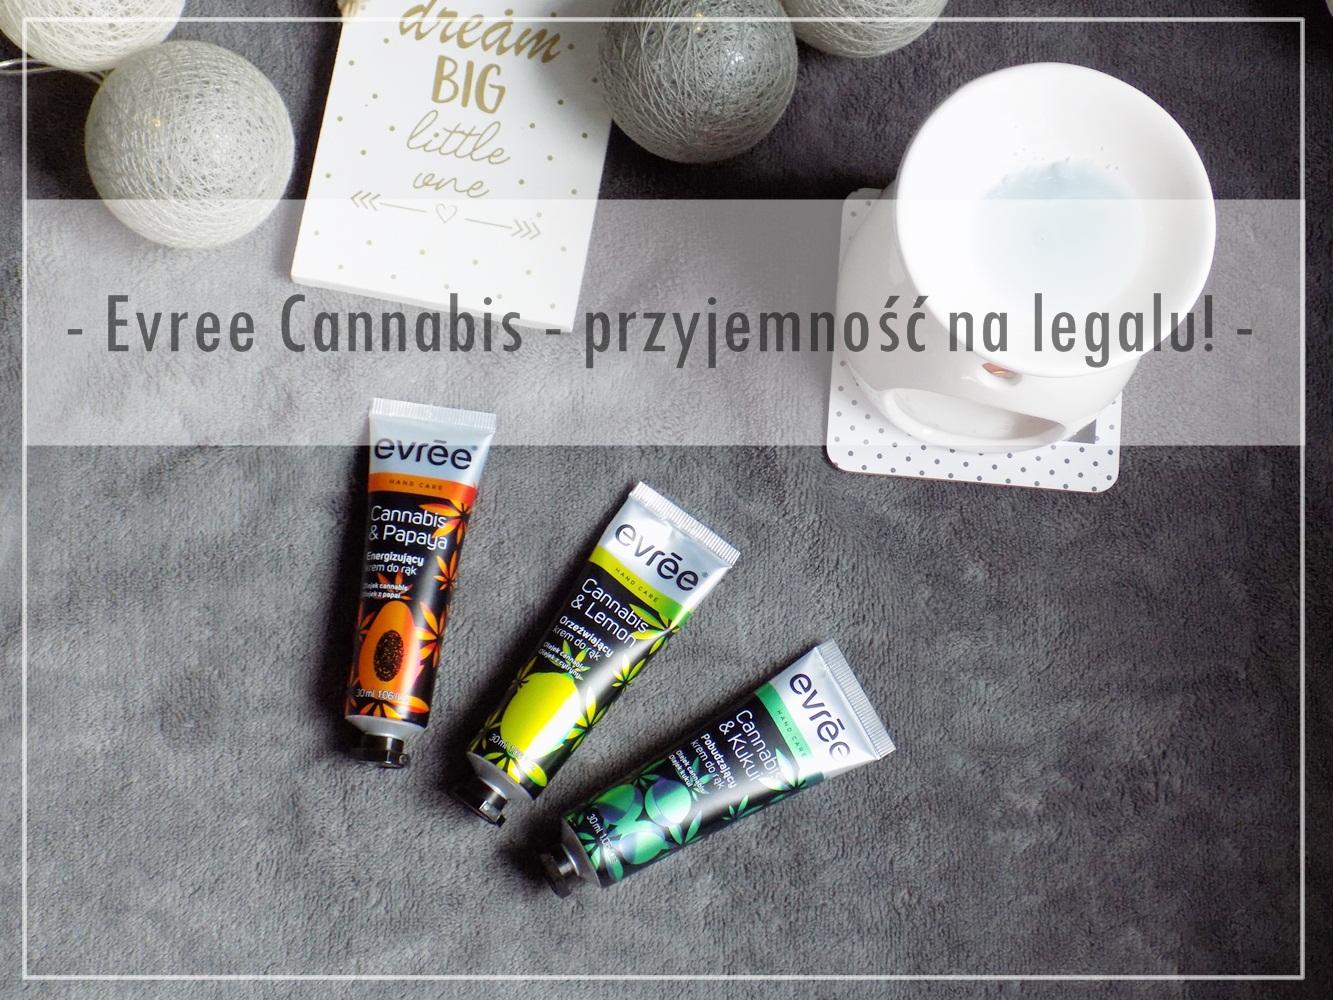 #39 Evree Cannabis - przyjemność na legalu.